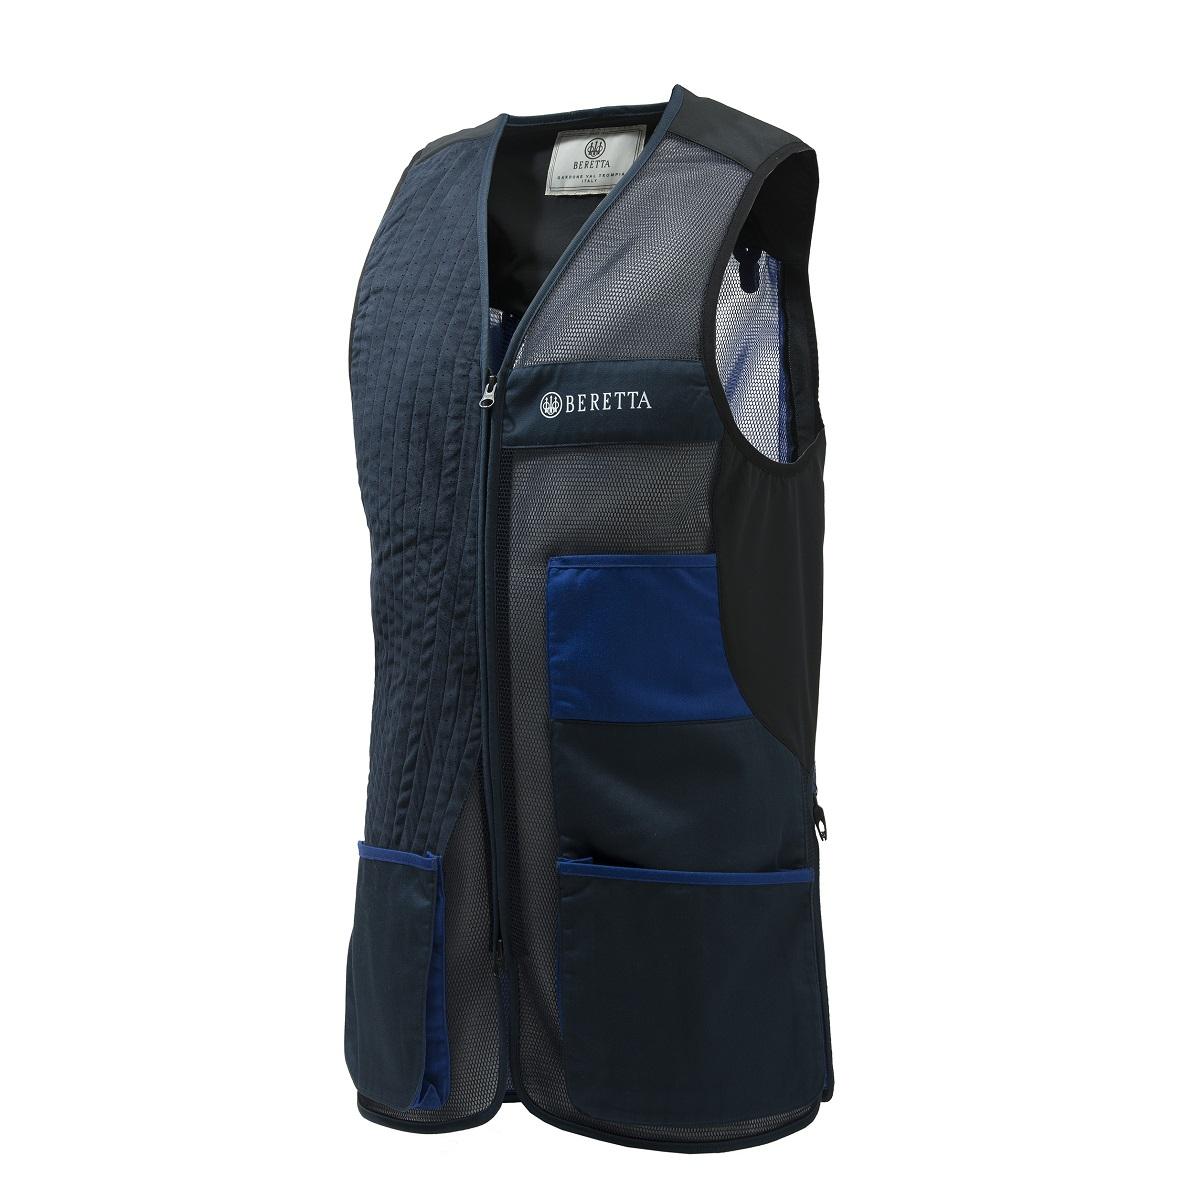 ベレッタ クレー射撃 サバゲー 狩猟 Beretta Uniform Vest Shooting 20.20 受注生産品 定番から日本未入荷 Pro